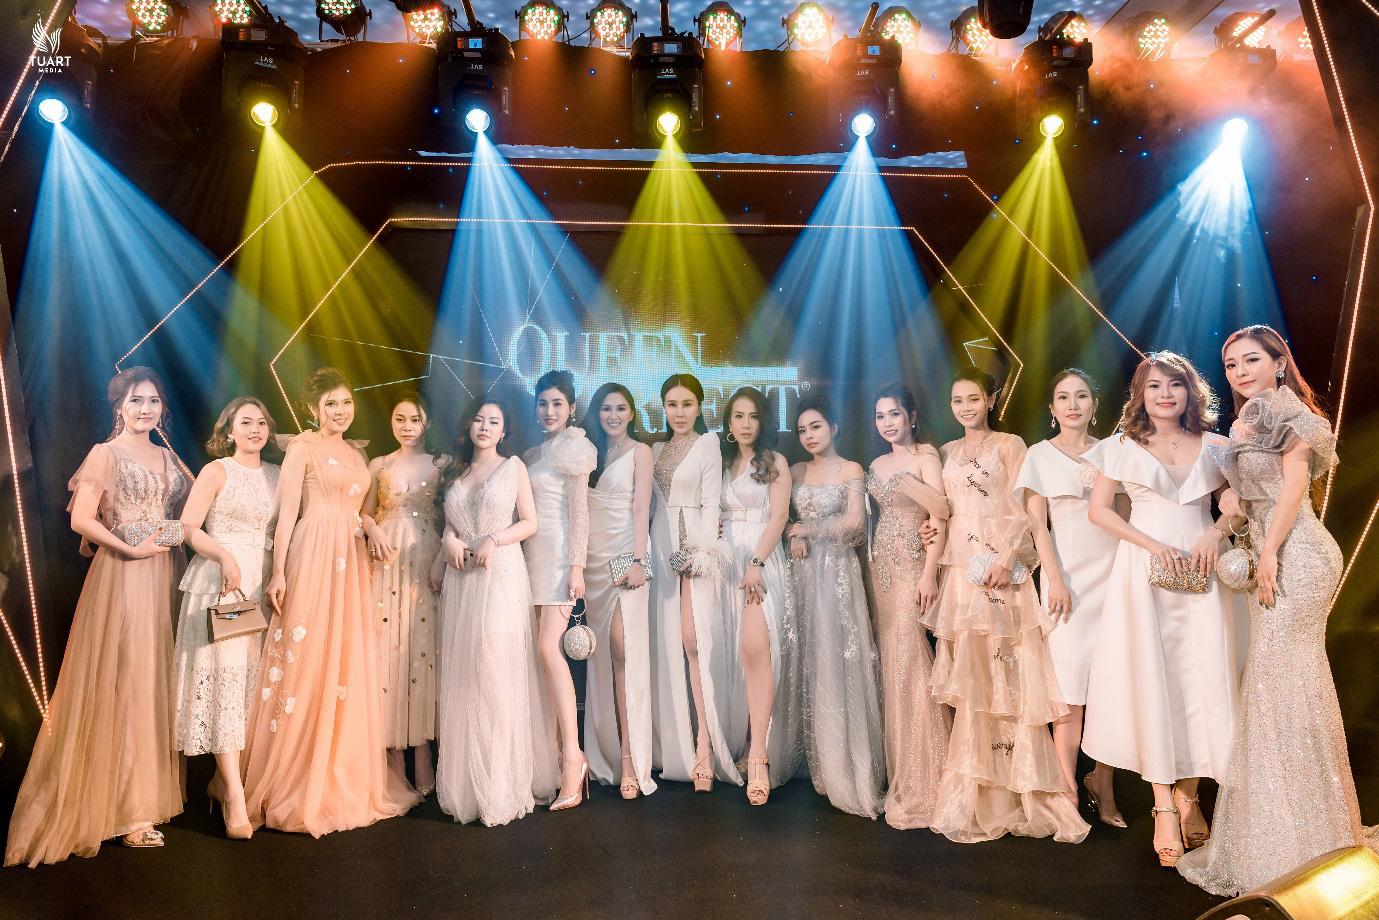 Dàn sao Việt đình đám quy tụ tại sự kiện của hot girl Thúy Kami - Ảnh 5.